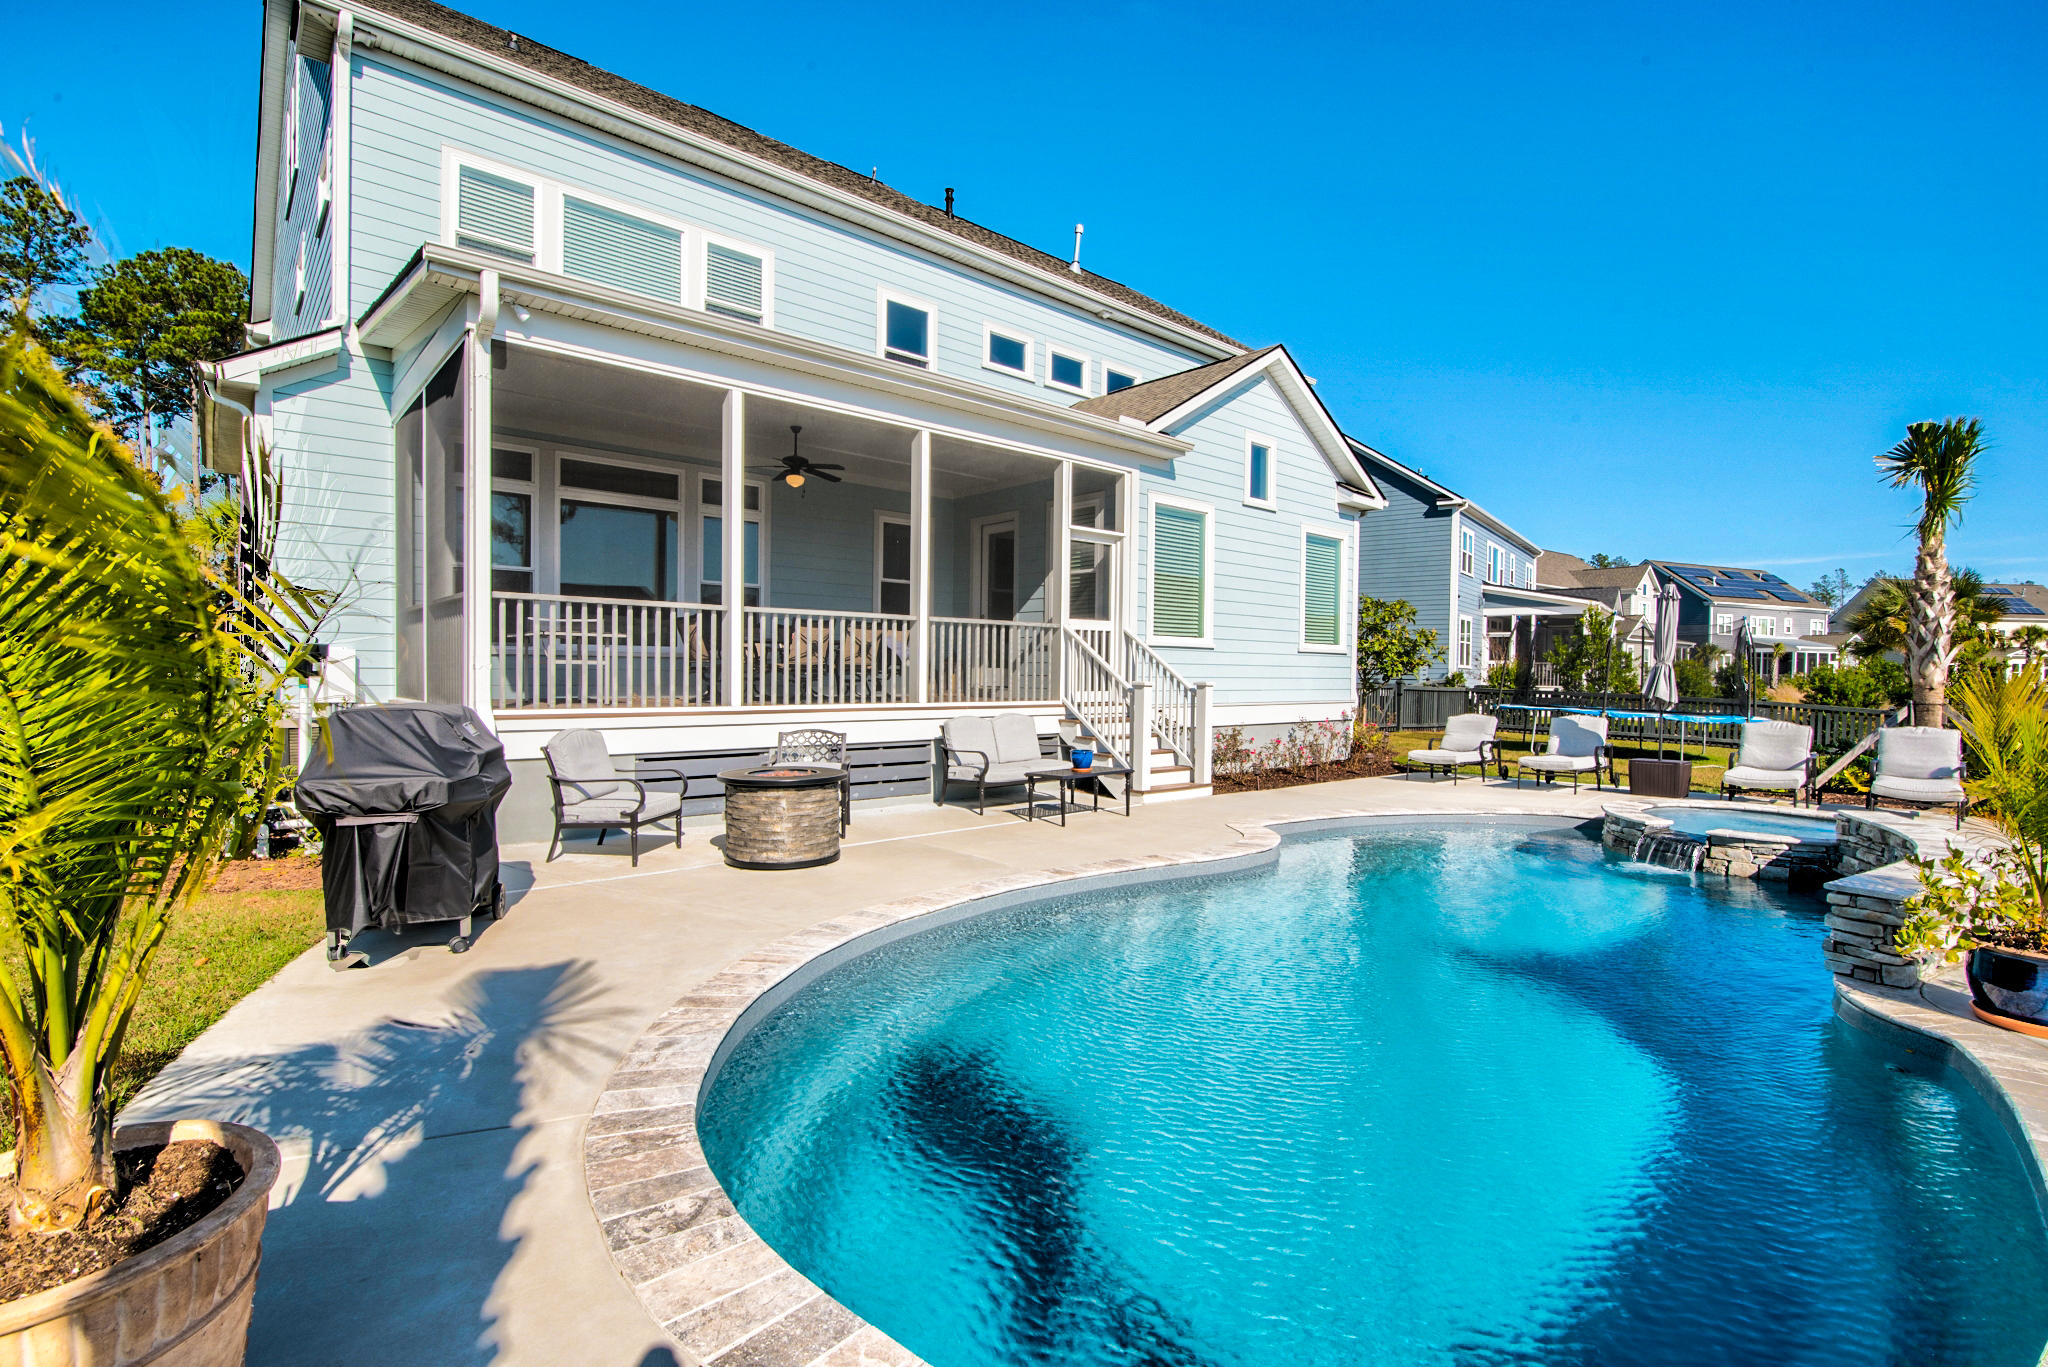 Dunes West Homes For Sale - 2883 River Vista, Mount Pleasant, SC - 52